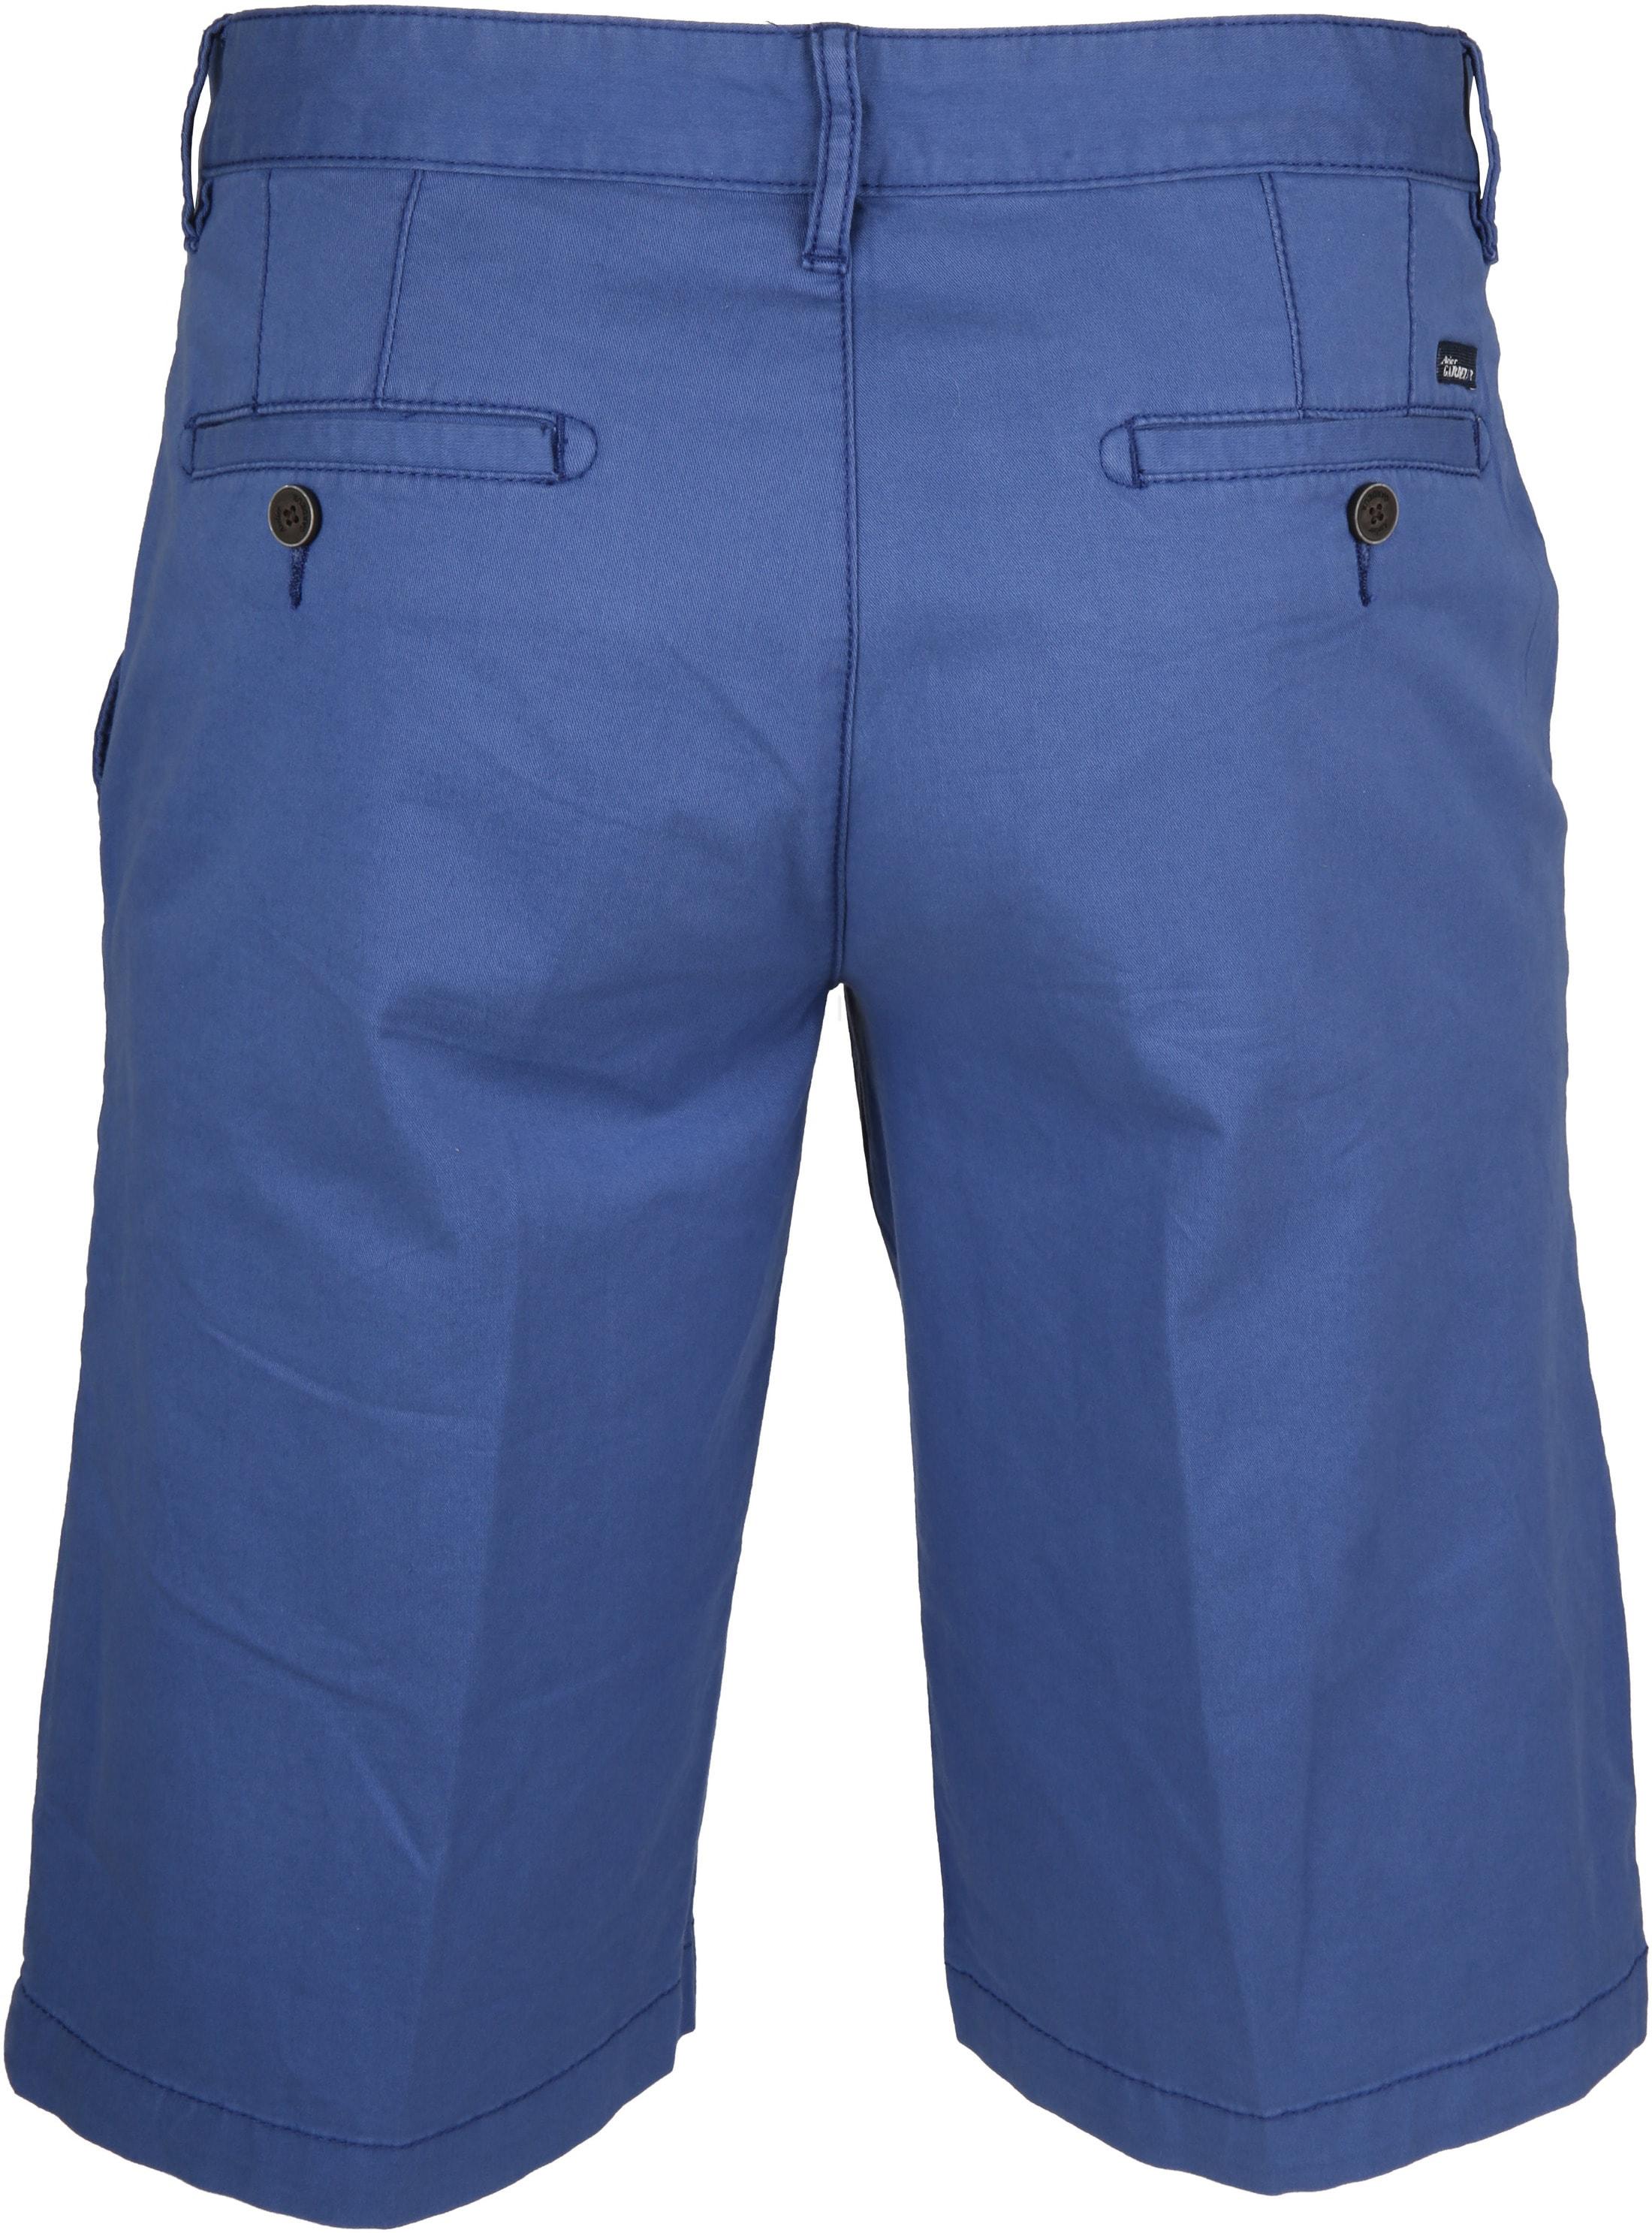 Gardeur Short Bermuda Blauw foto 3